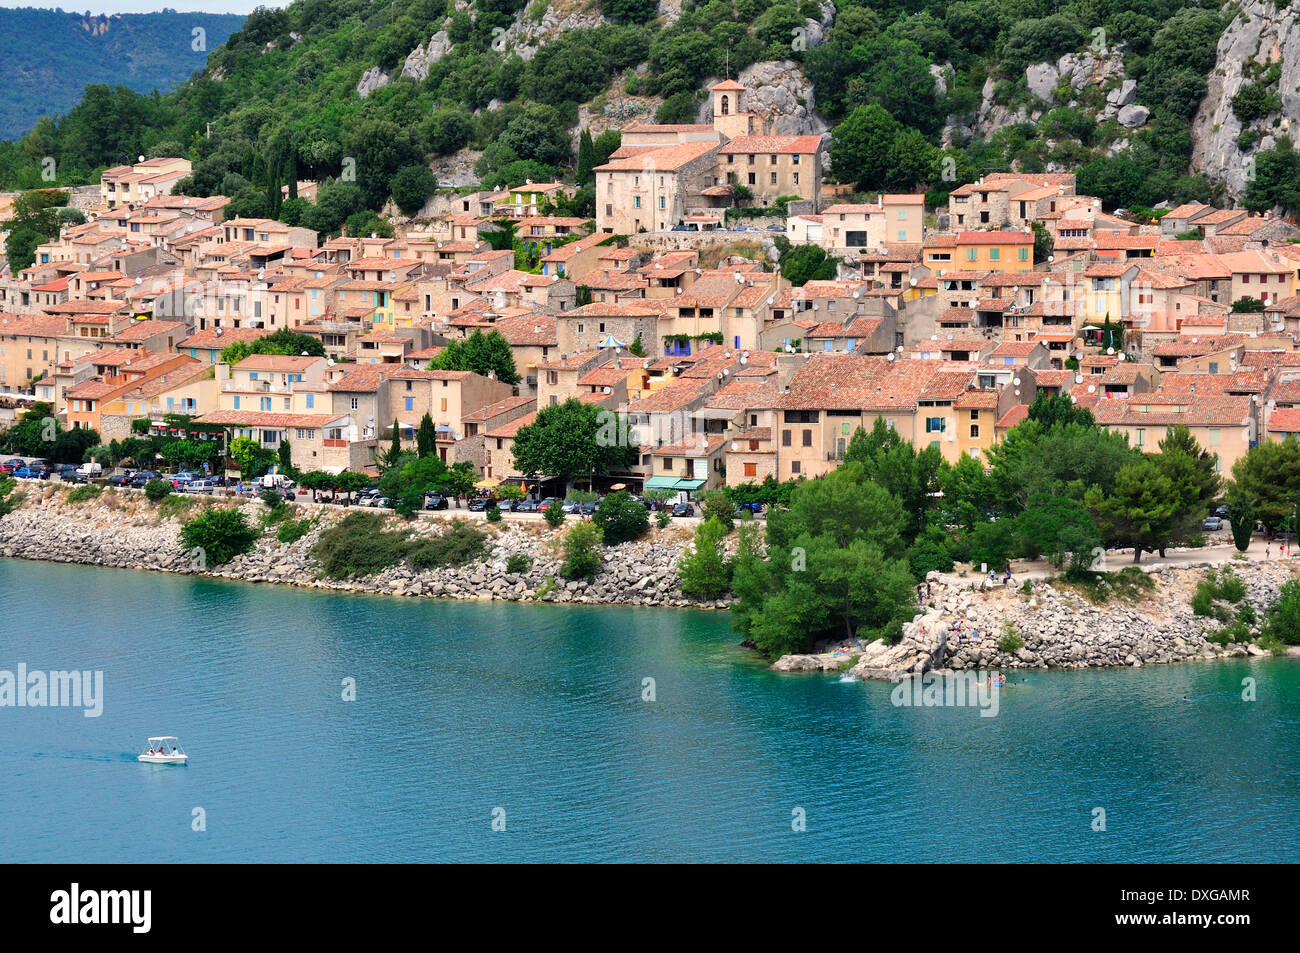 Le village de Bauduen au Lac de Sainte-Croix, Gorges du Verdon, Gorges du Verdon, Var, Provence-Alpes-Côte d'Azur, Banque D'Images